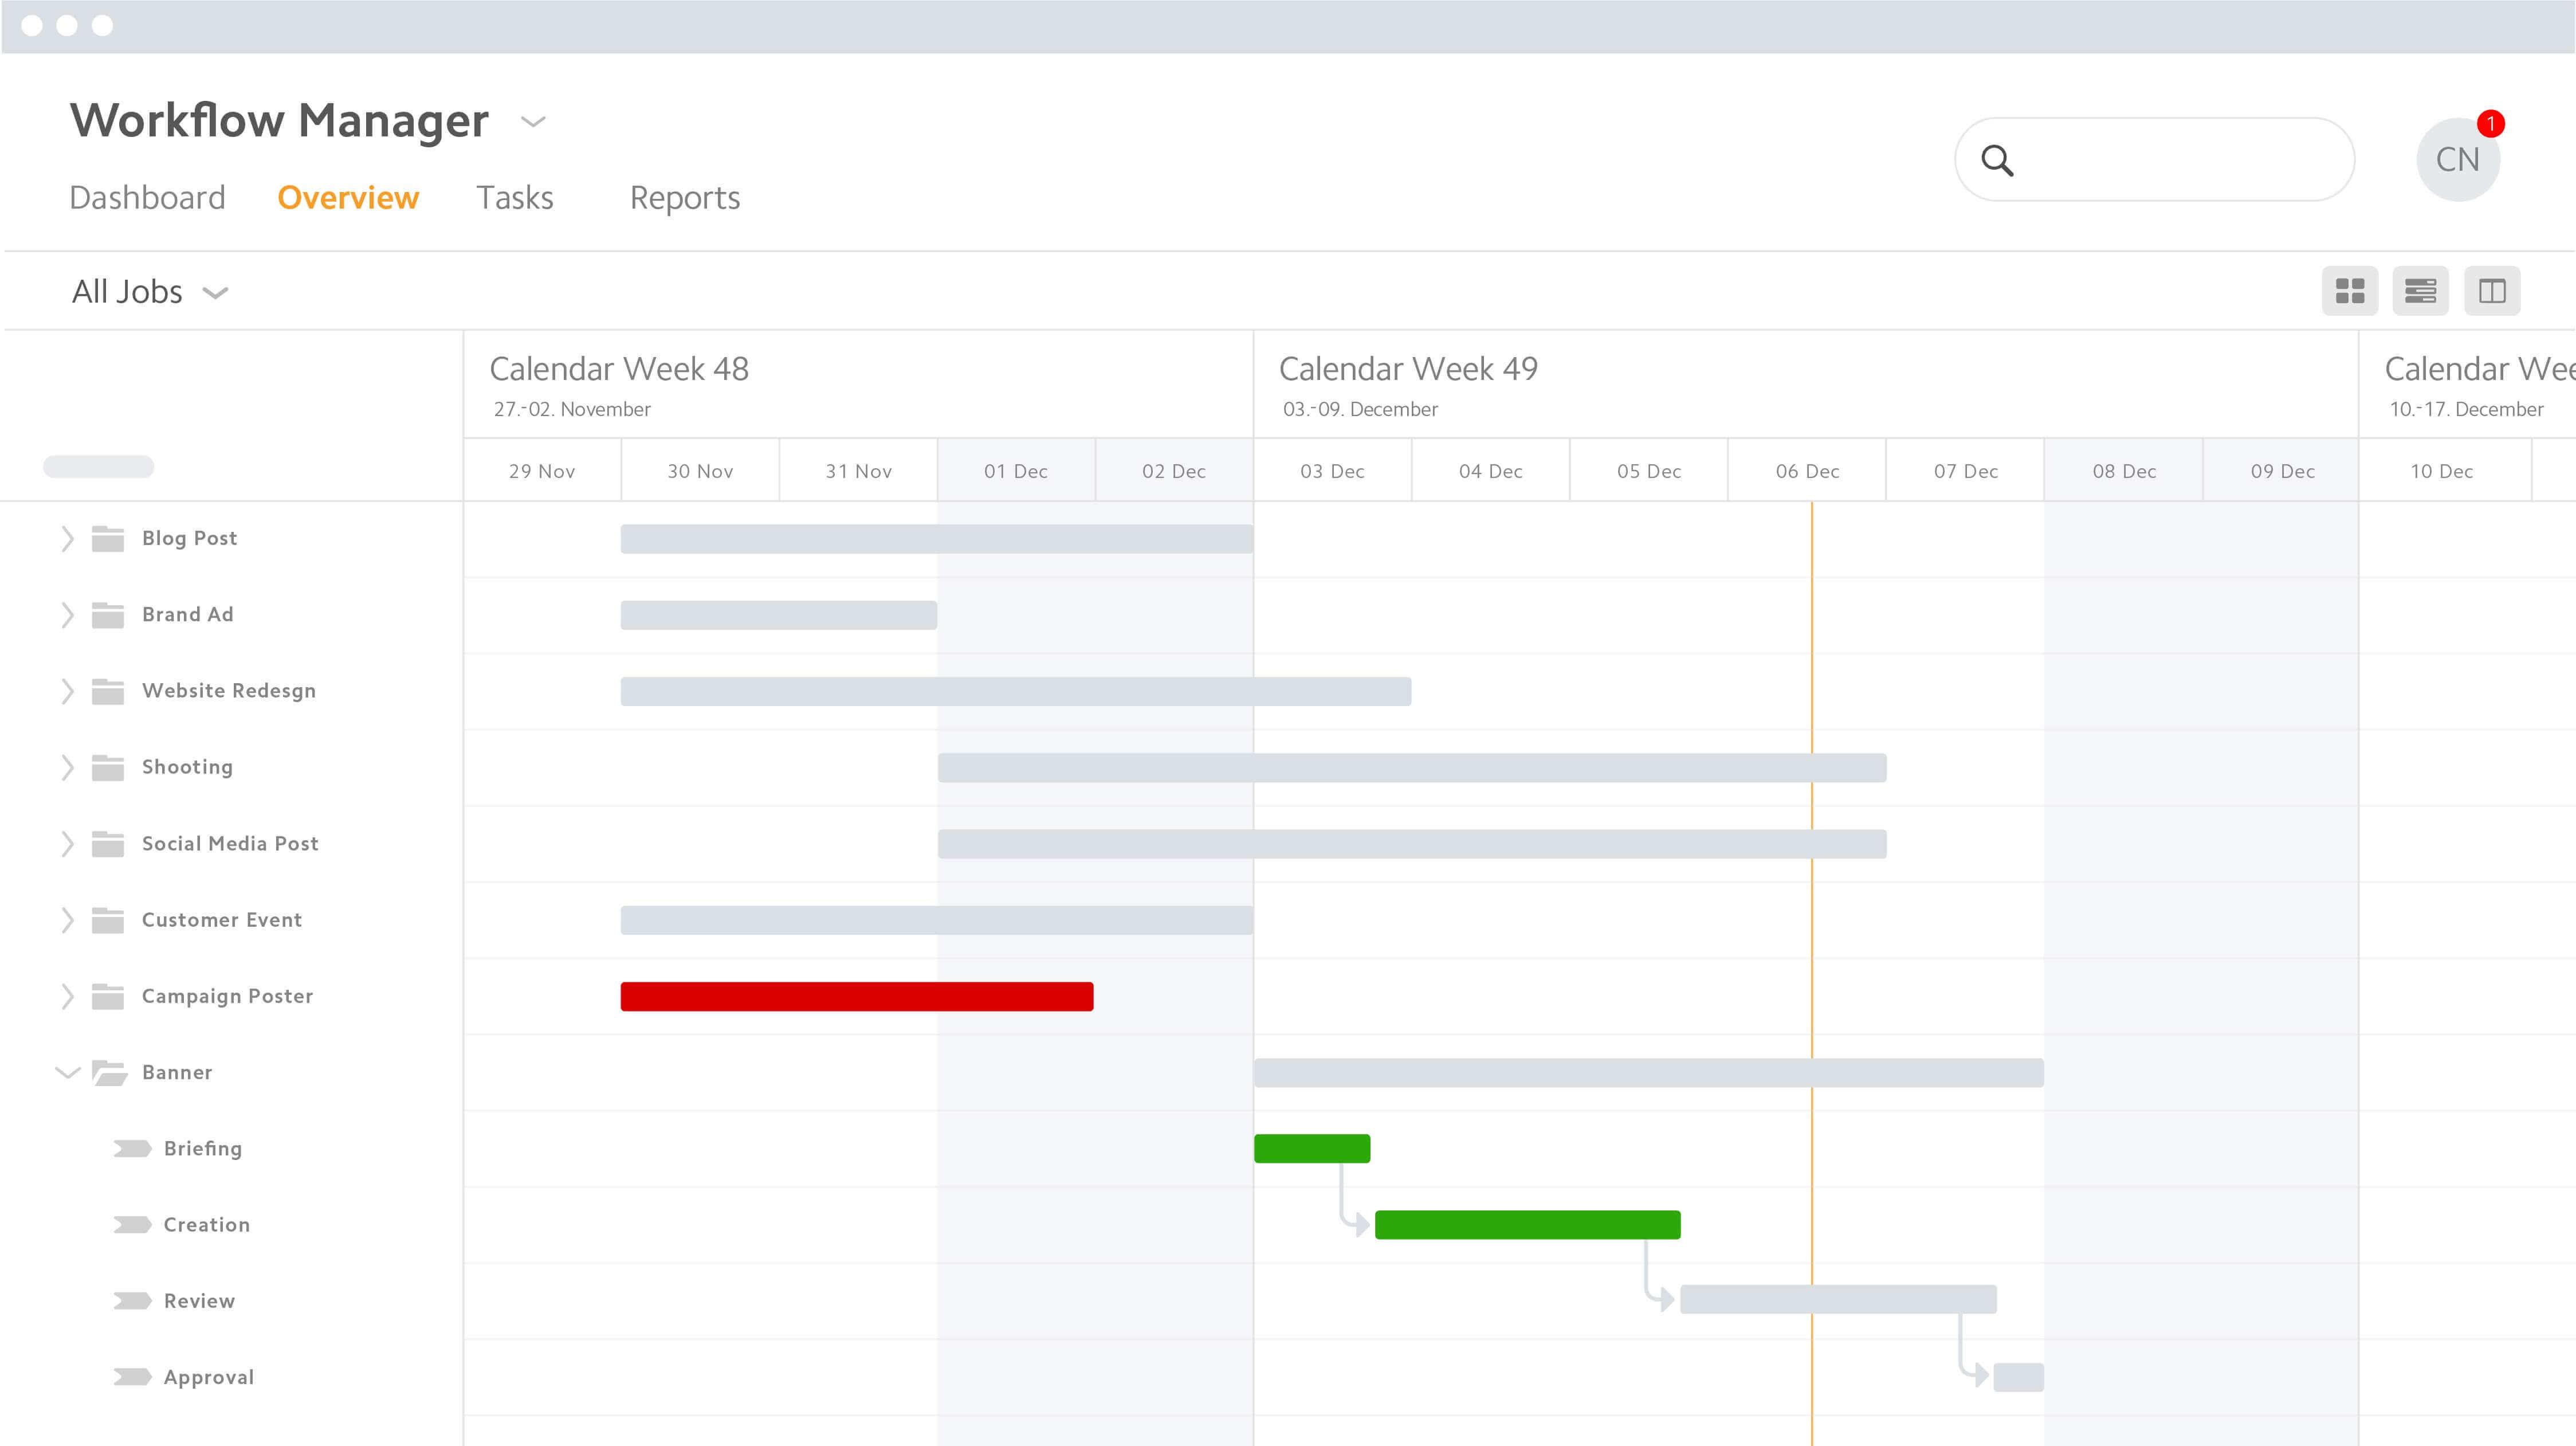 Workflow Manager Gantt View